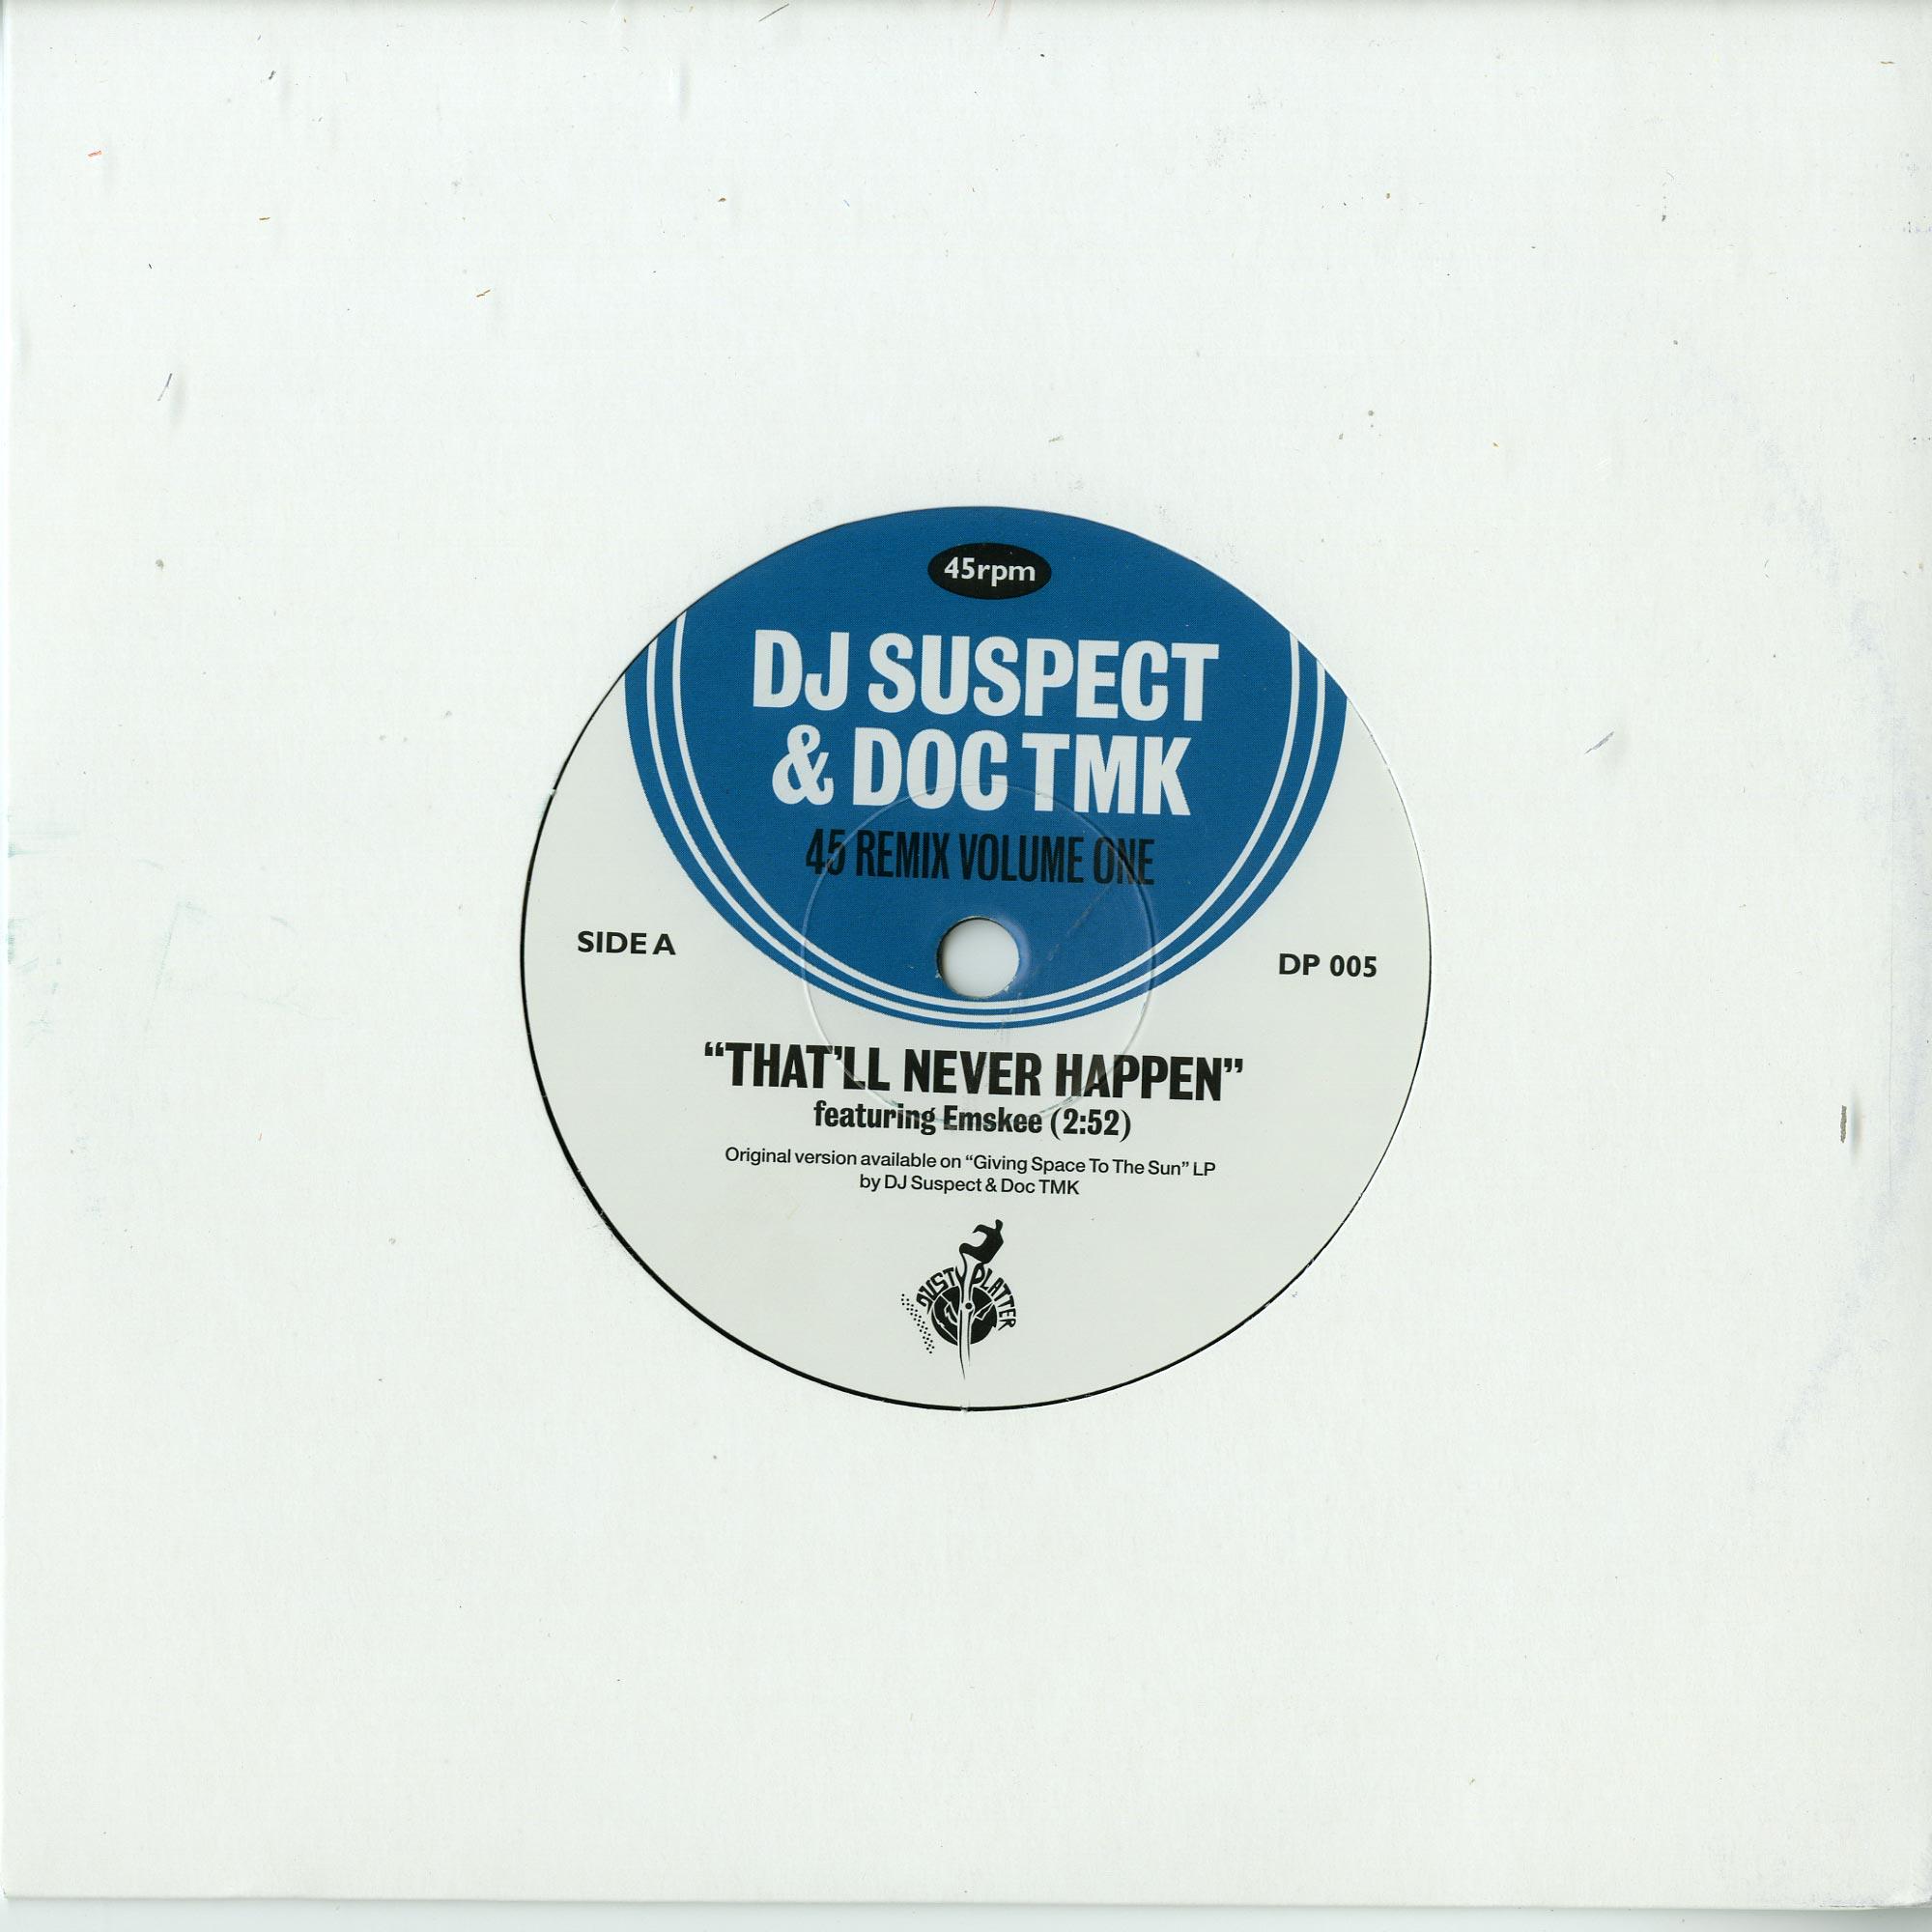 DJ Suspect & Doc Tmk - THAT LL NEVER HAPPEN